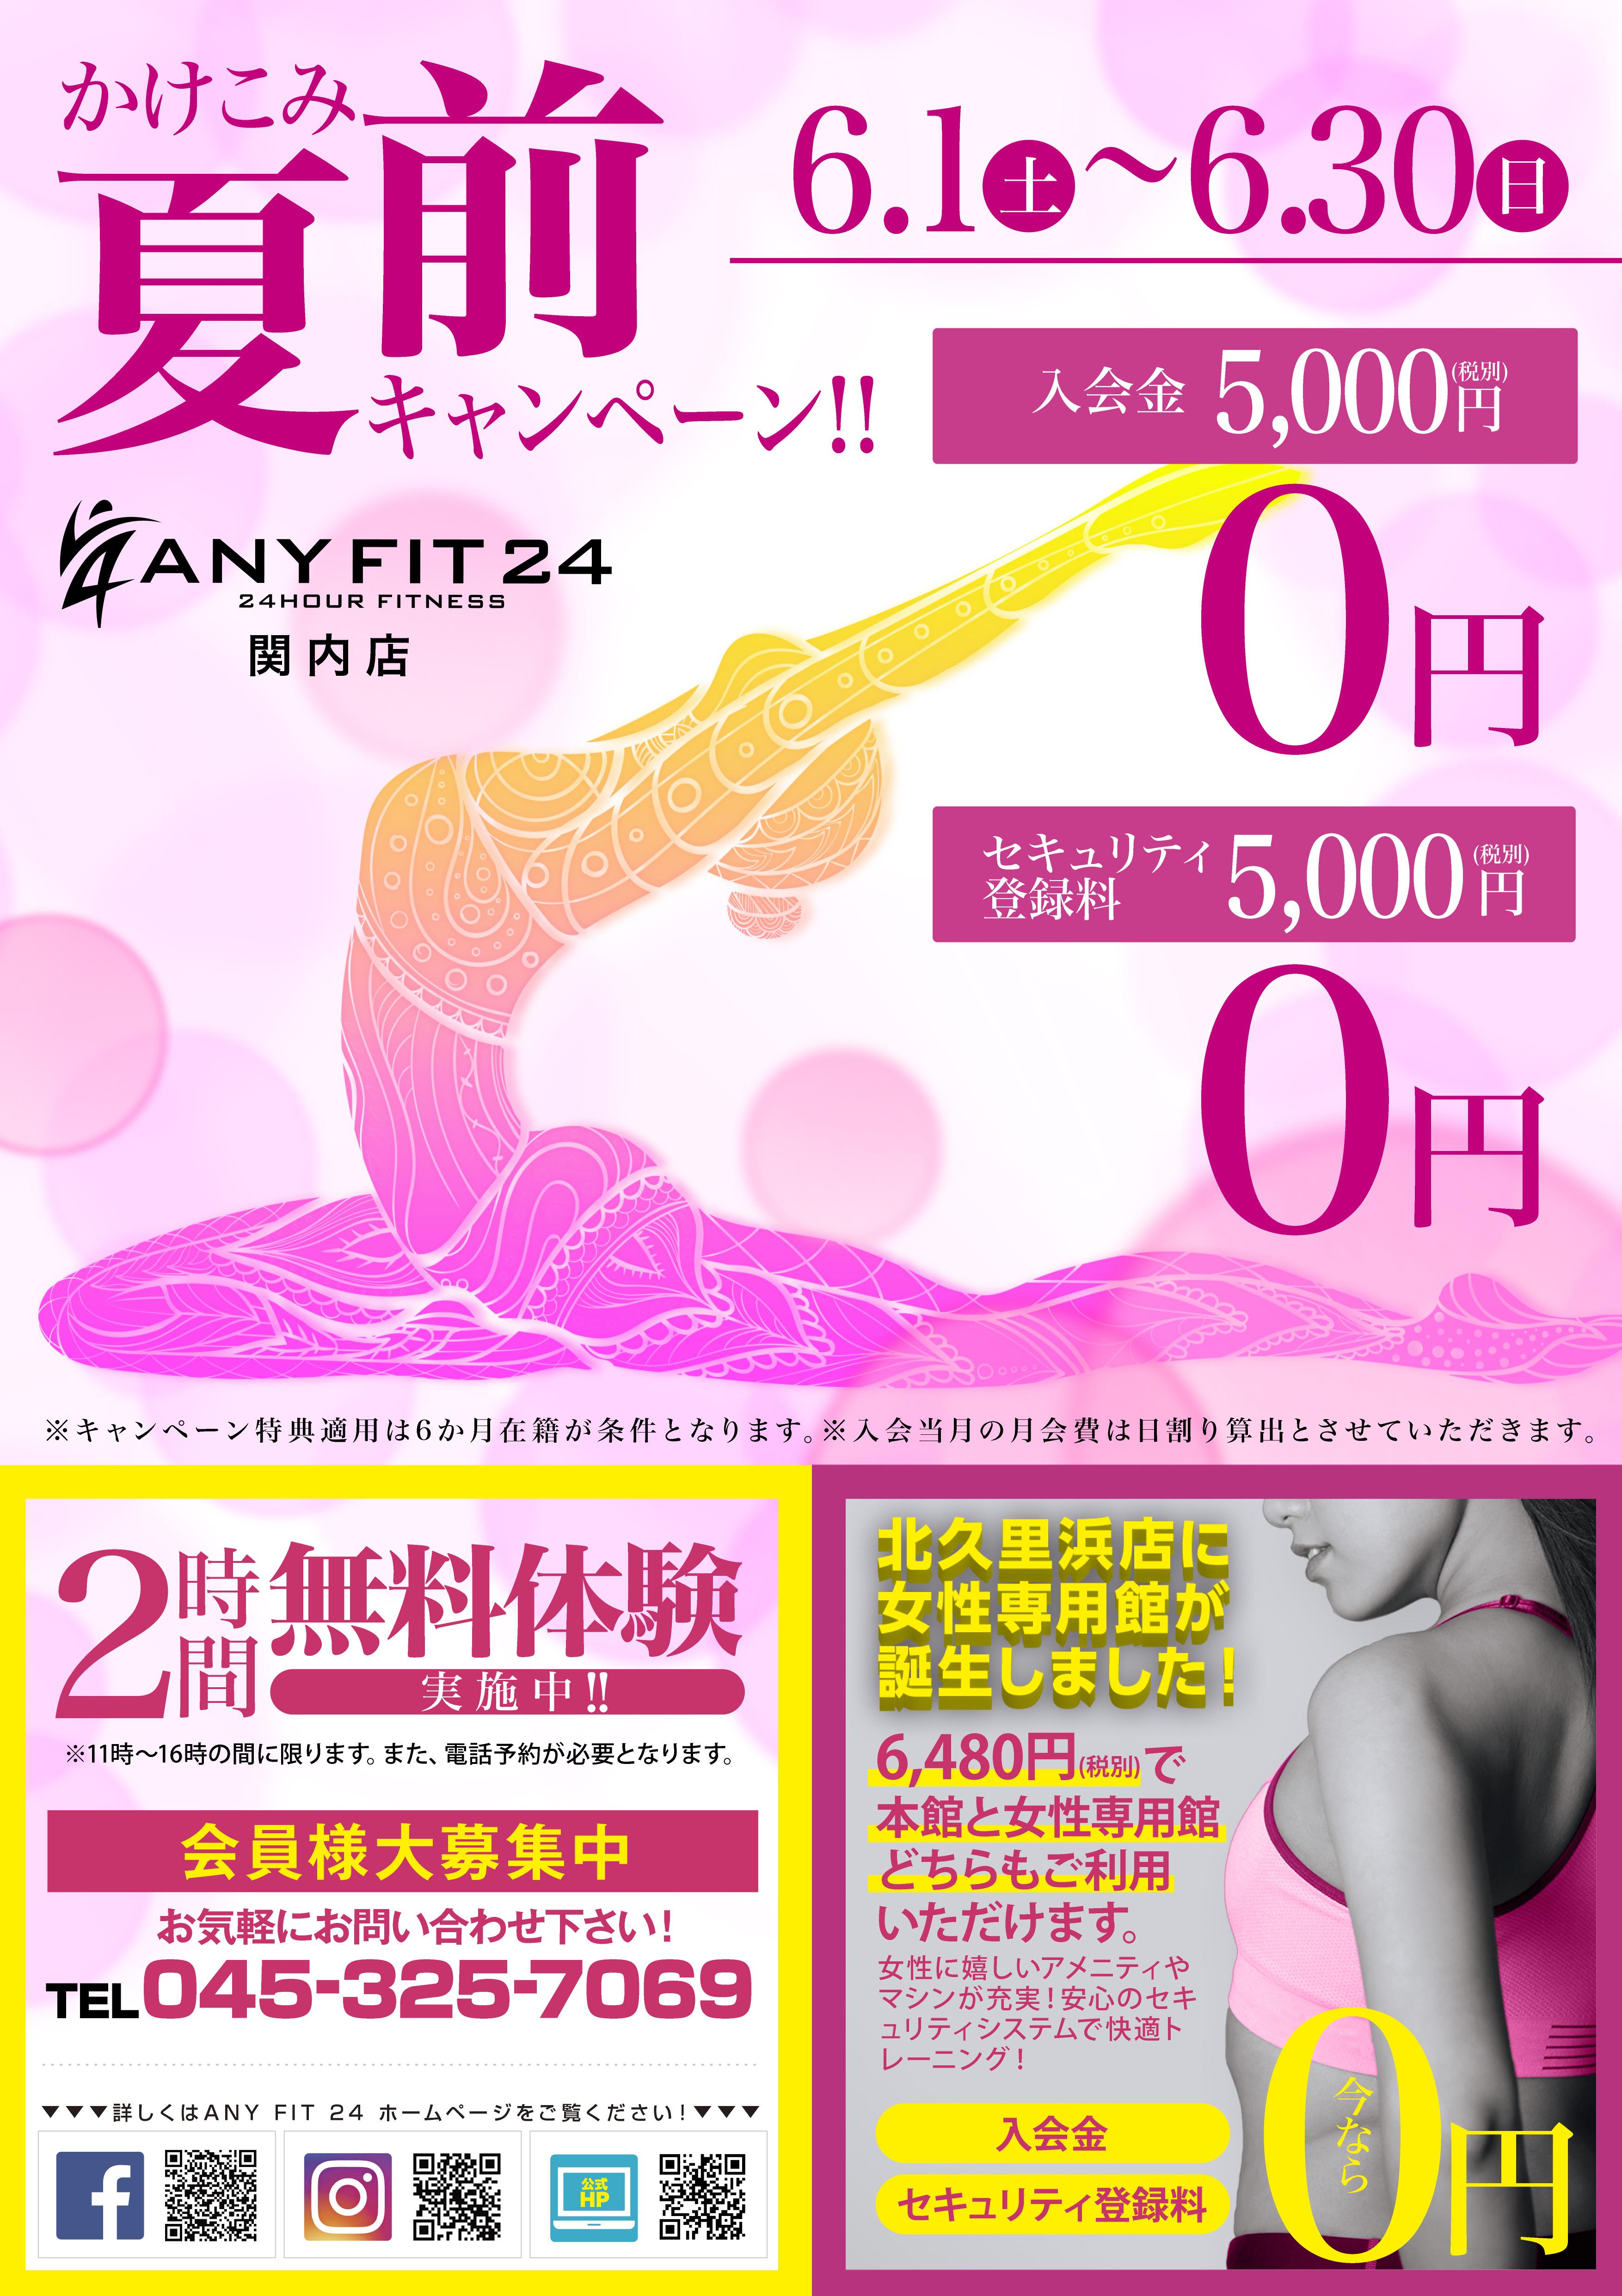 【全店】初期費用0円で始めよう!かけこみ!夏前キャンペーン!